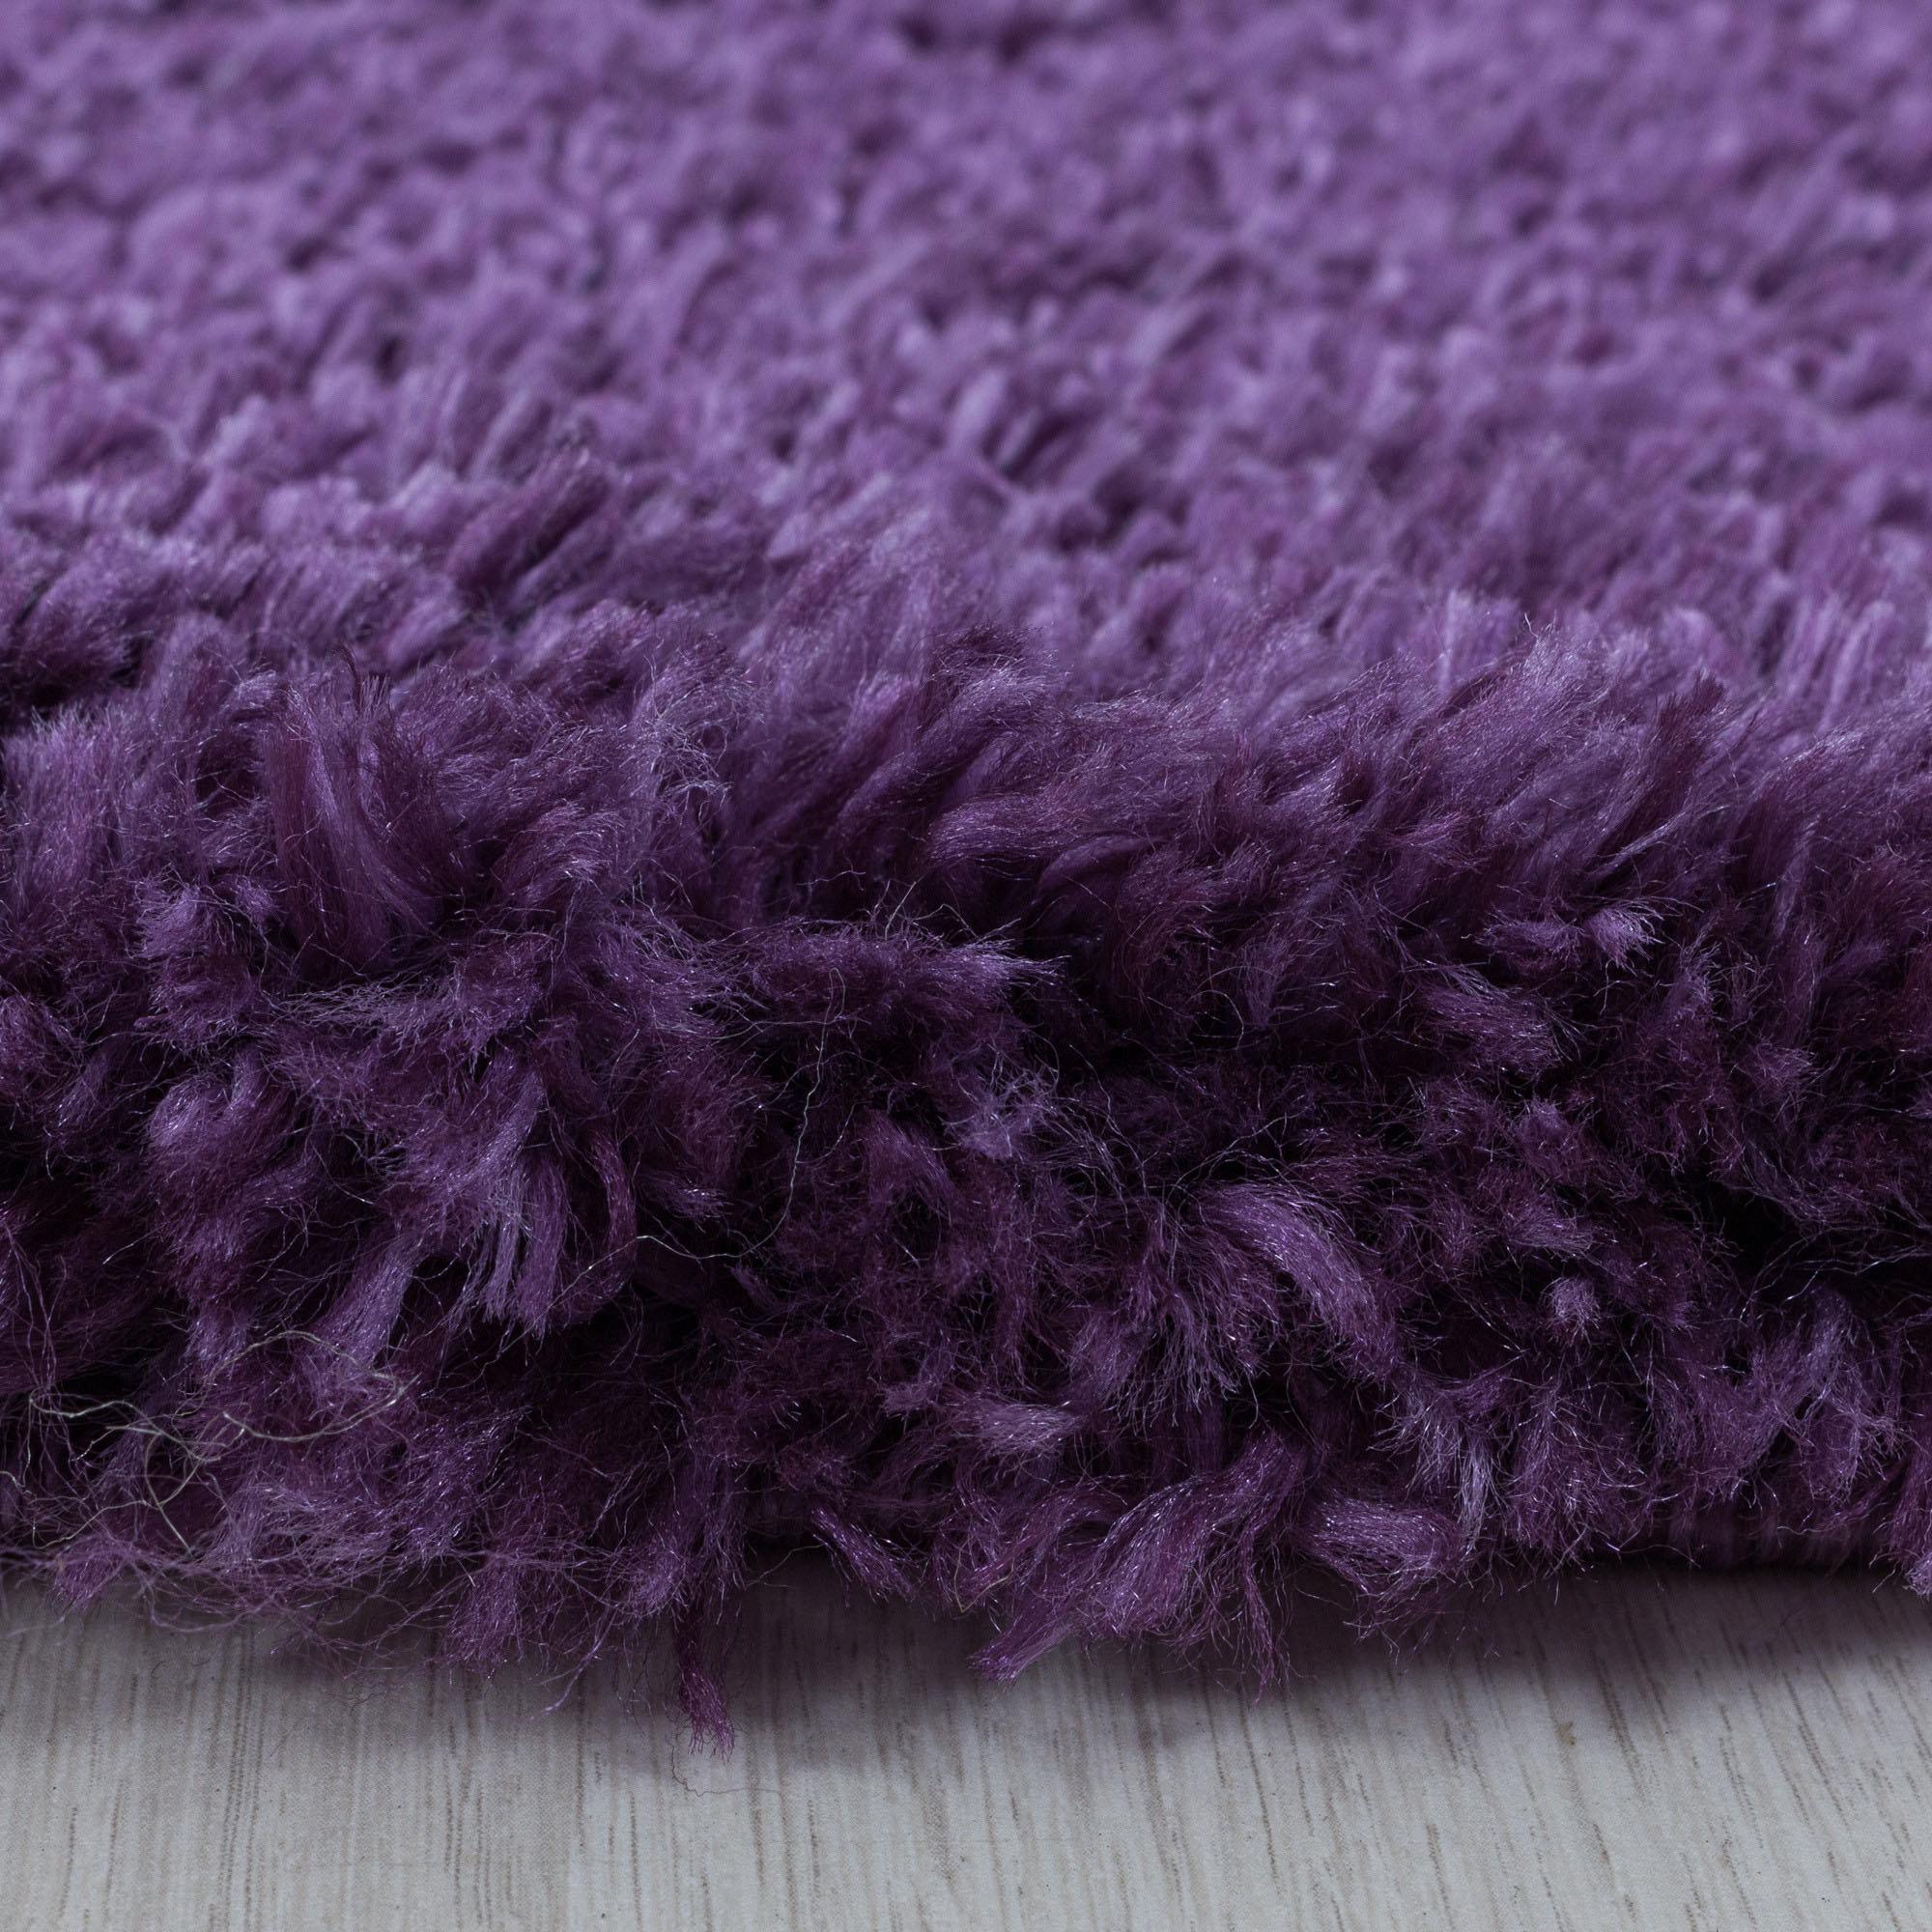 Ayyildiz Hochflor-Teppich FLUFFY 3500, rund, 50 mm Höhe lila Wohnzimmerteppiche Teppiche nach Räumen